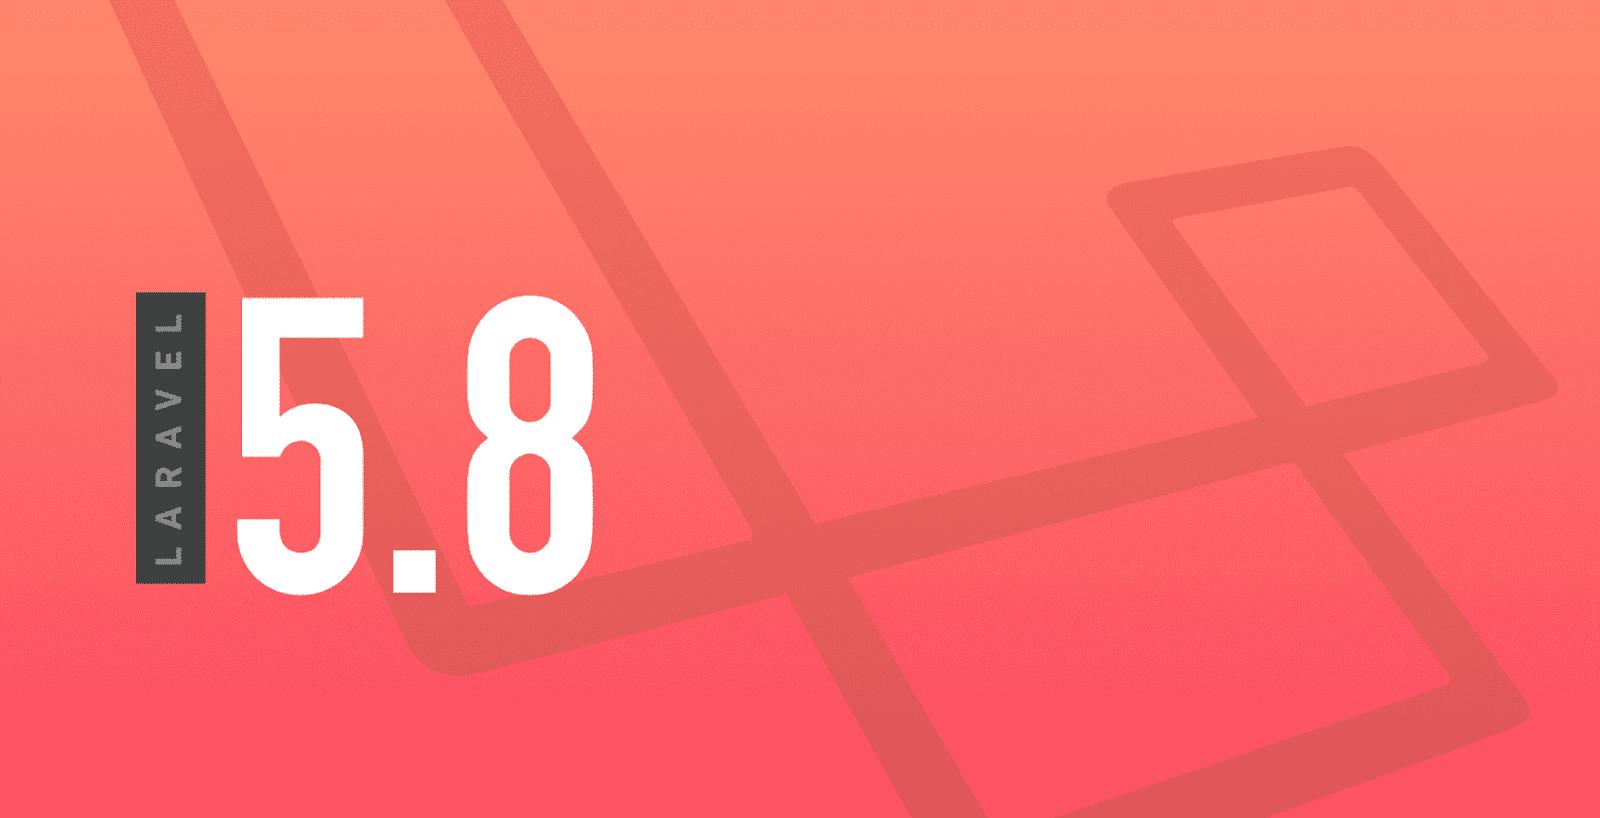 إطار العمل لارافيل 5.8